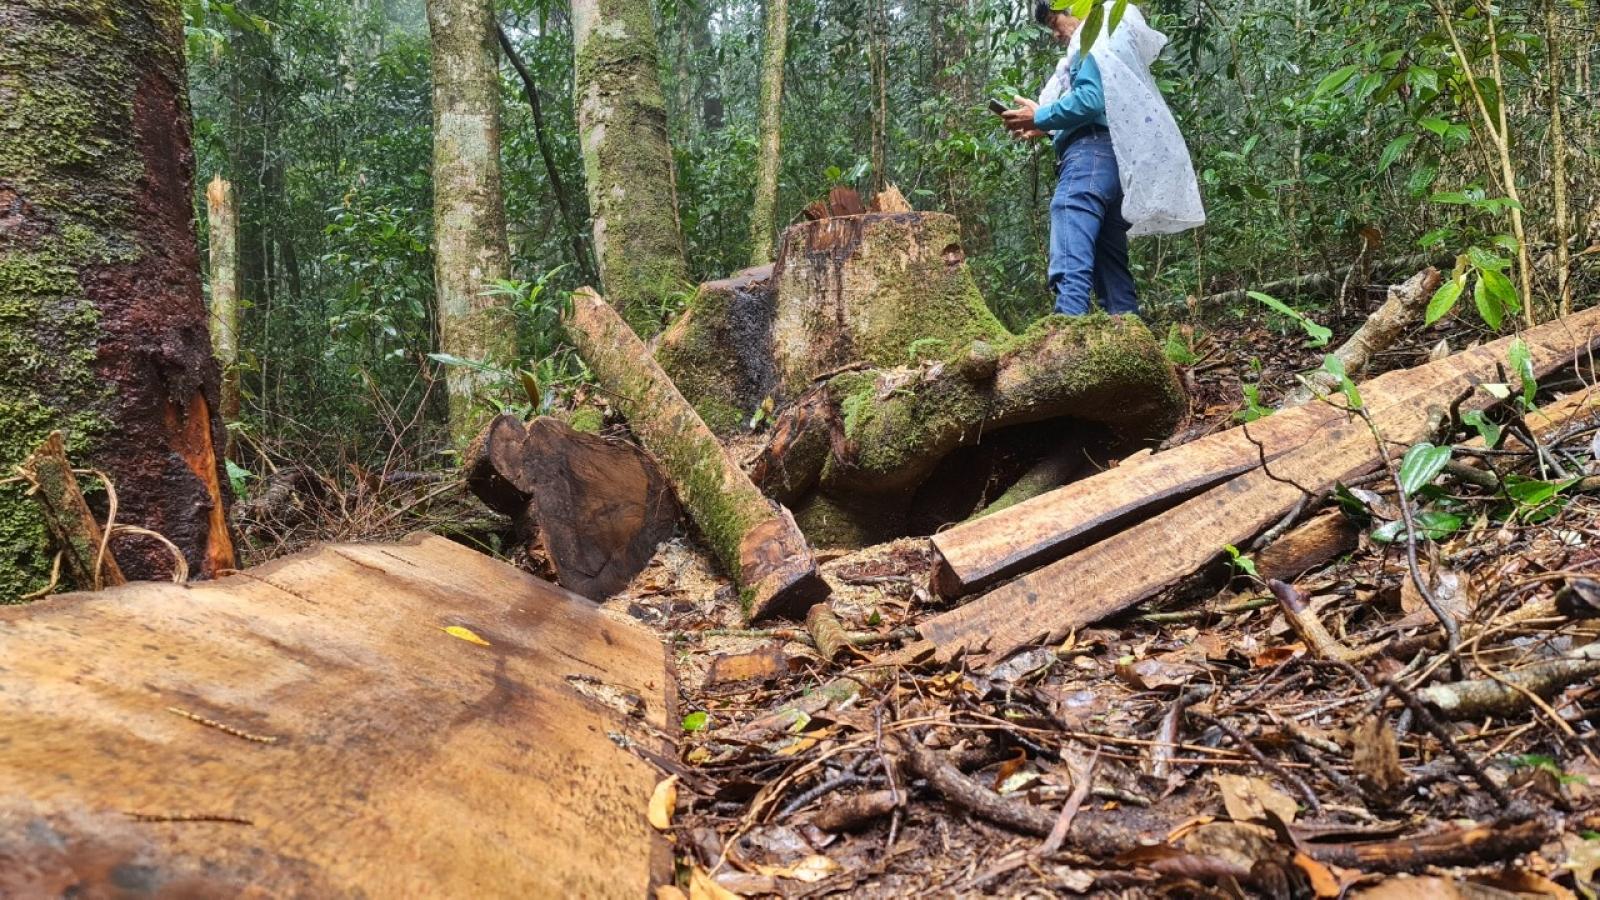 Khởi tố 14 nghi phạm, tạm giam 6 bị can vụ phá rừng ở Lâm Đồng